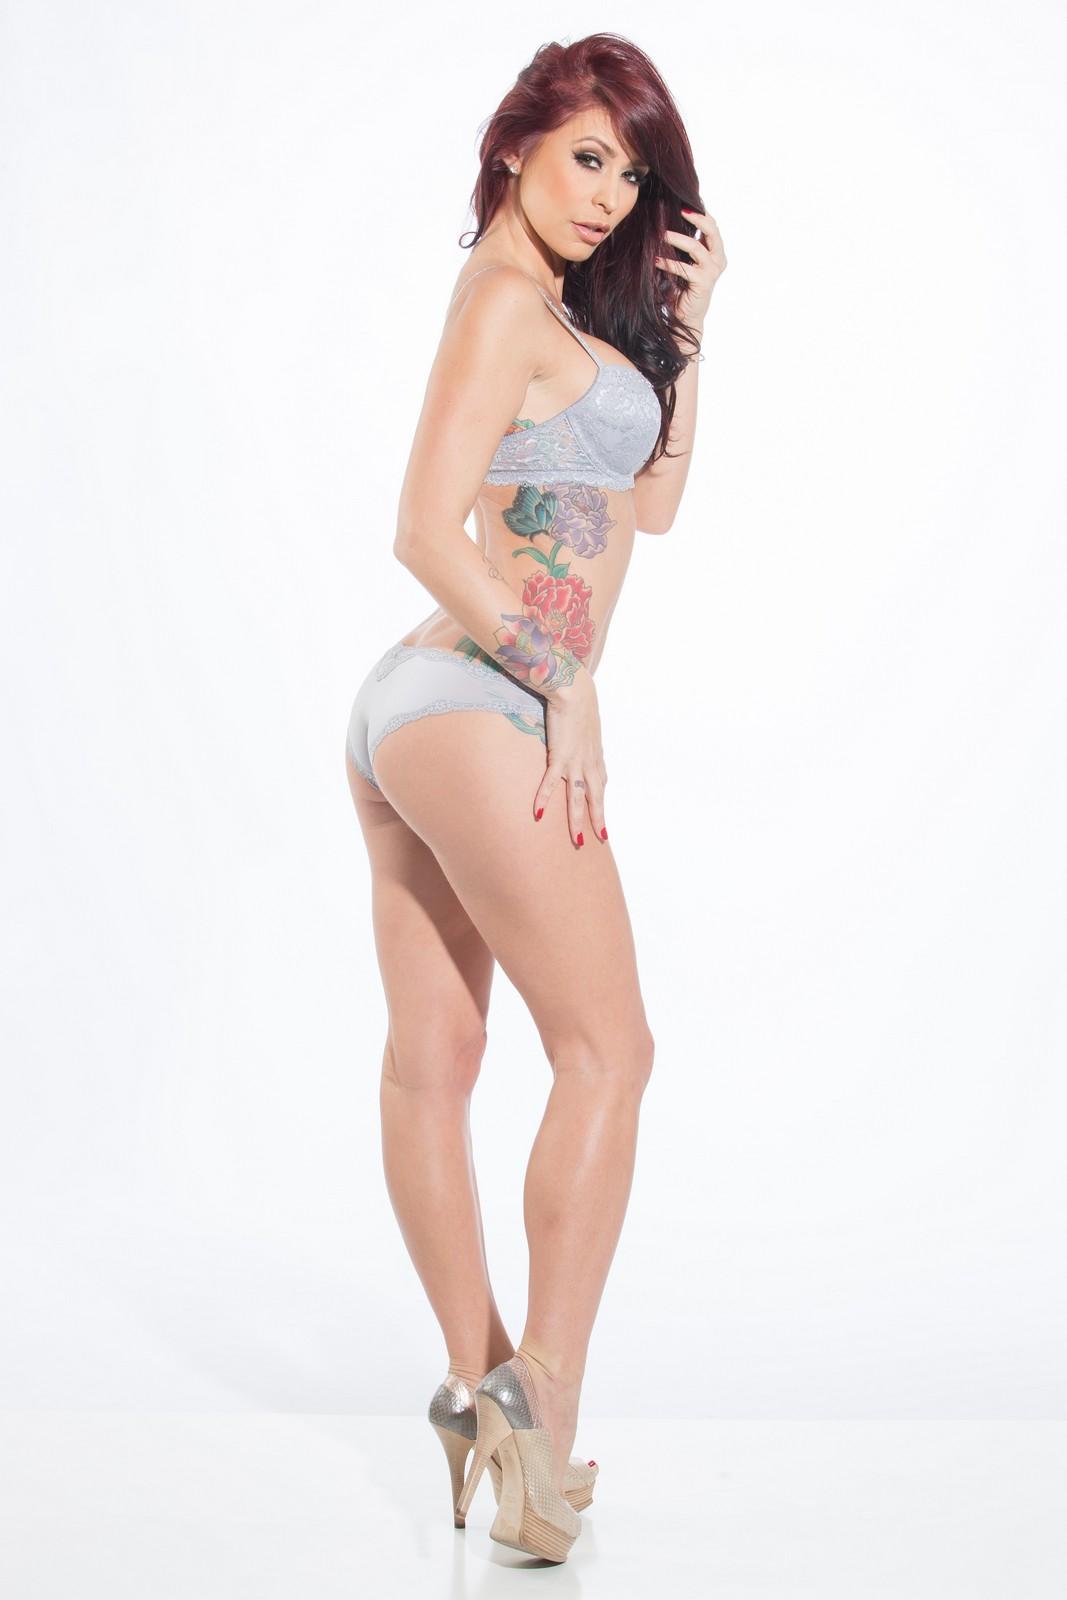 Nikki alexander sex video, thick black ass xxx videos